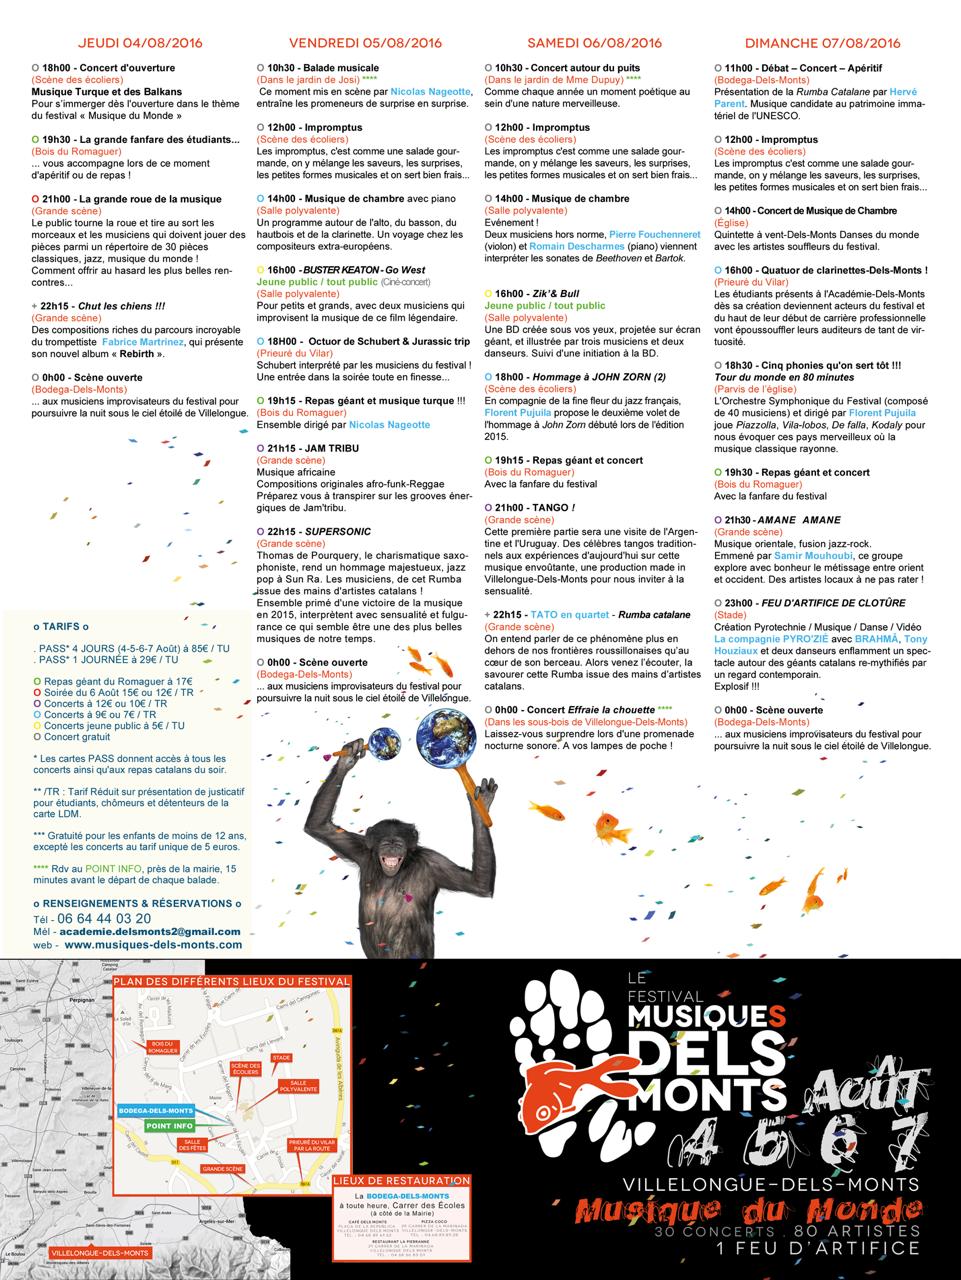 Prog_Festival_Musiques_Dels_Monts_2016-1466006557.PNG